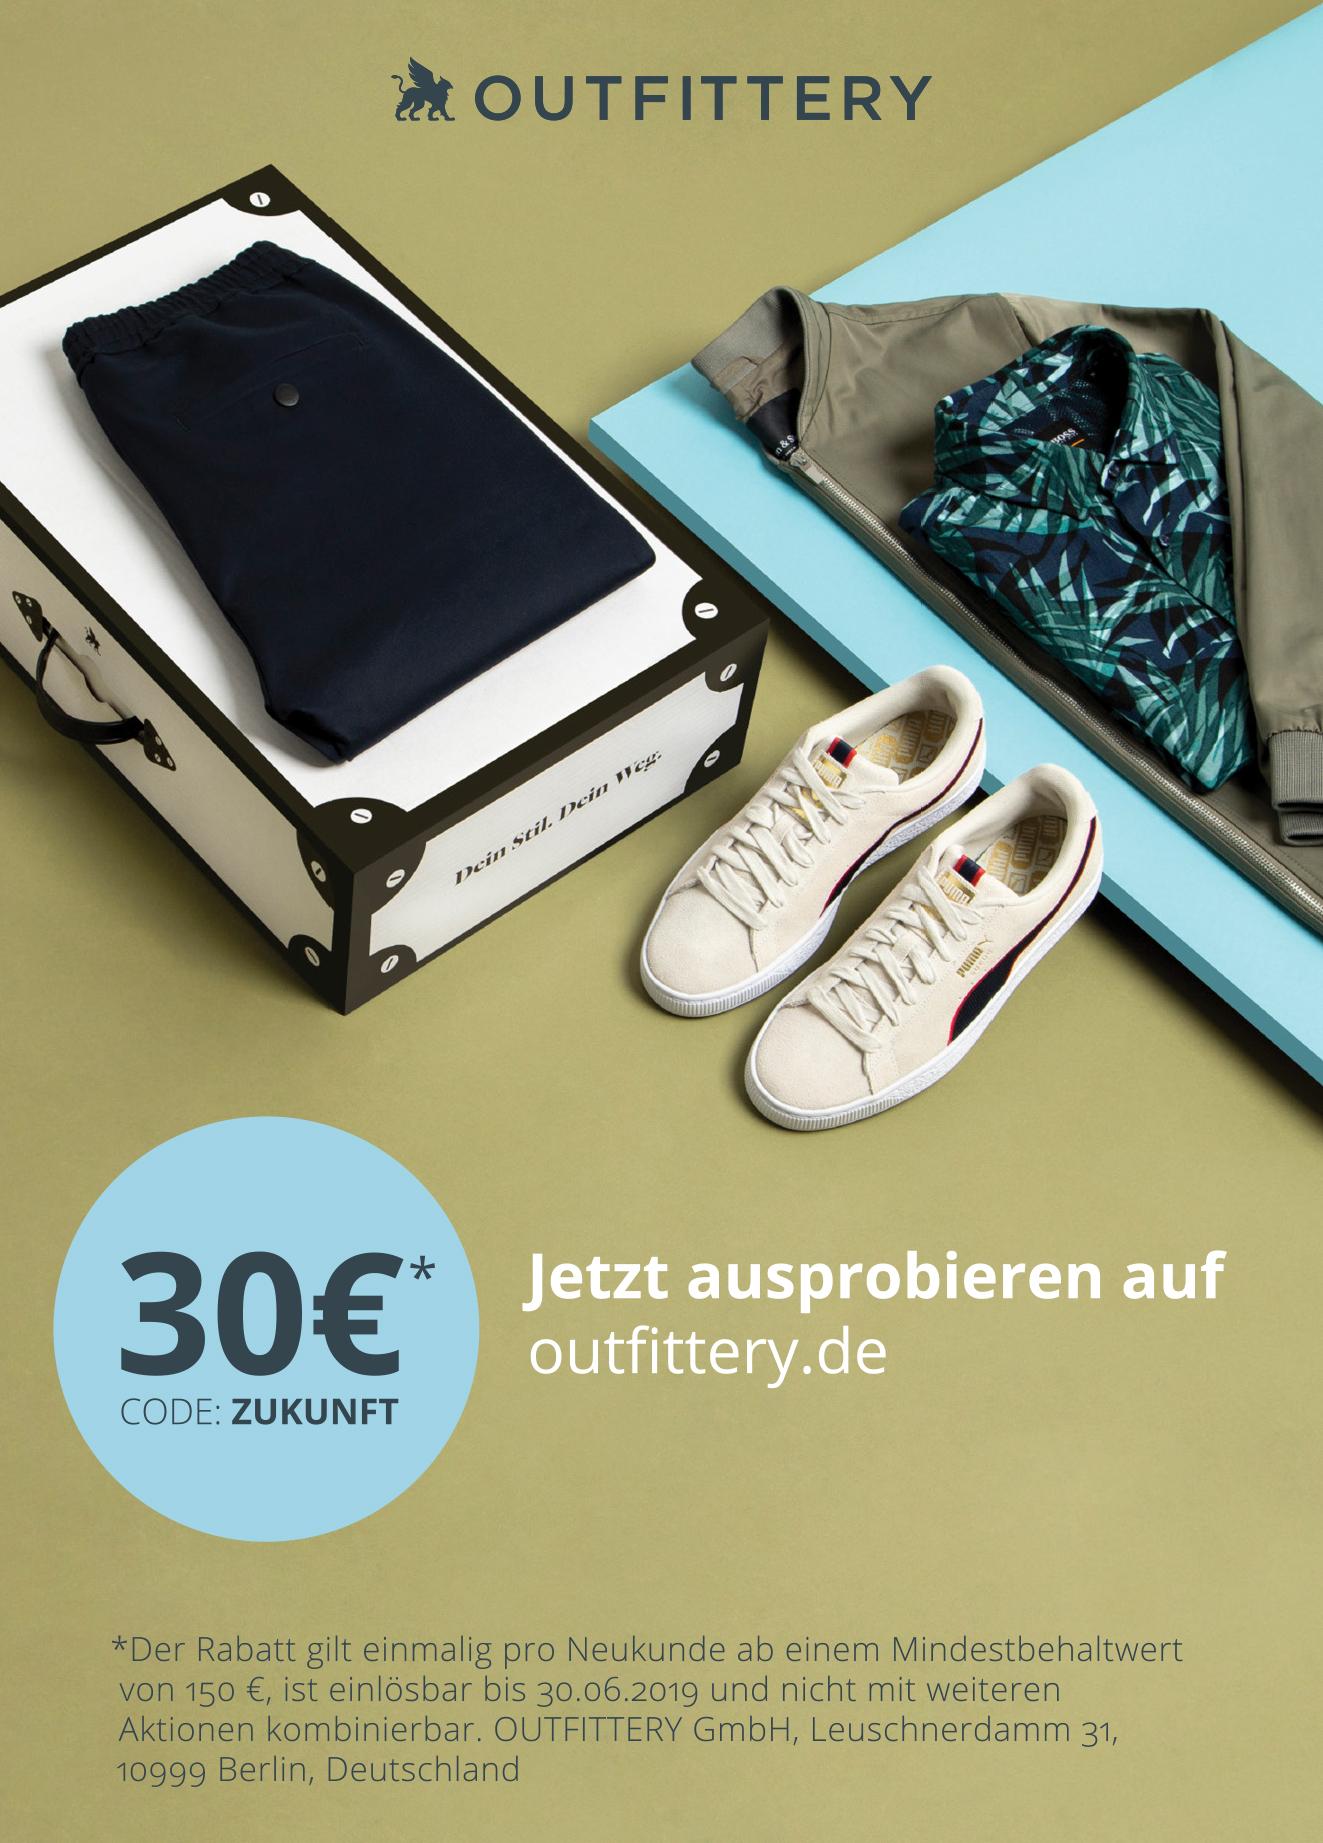 Anzeige: Outfittery: 30 Eur-Rabatt